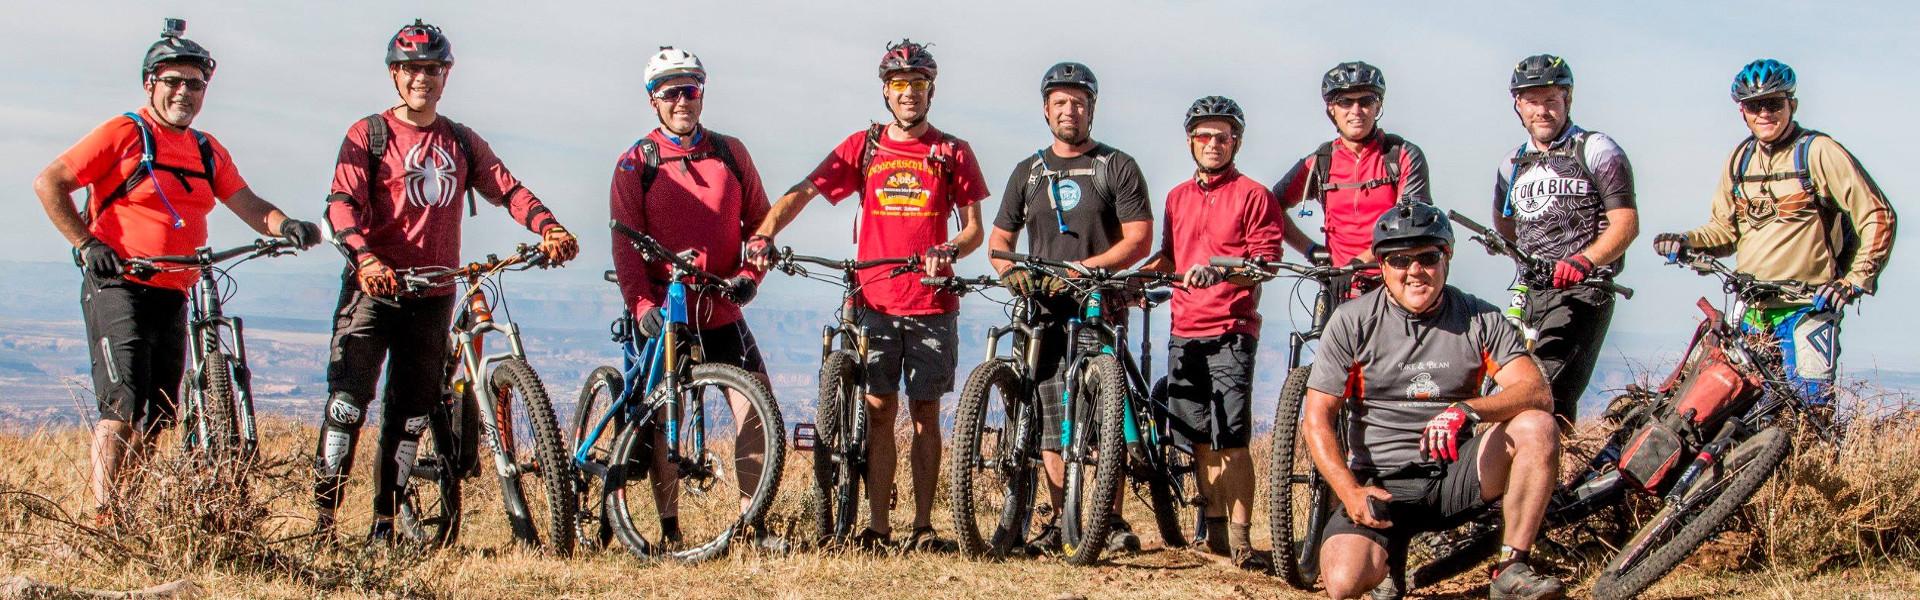 Prescott Mountain Bike Alliance